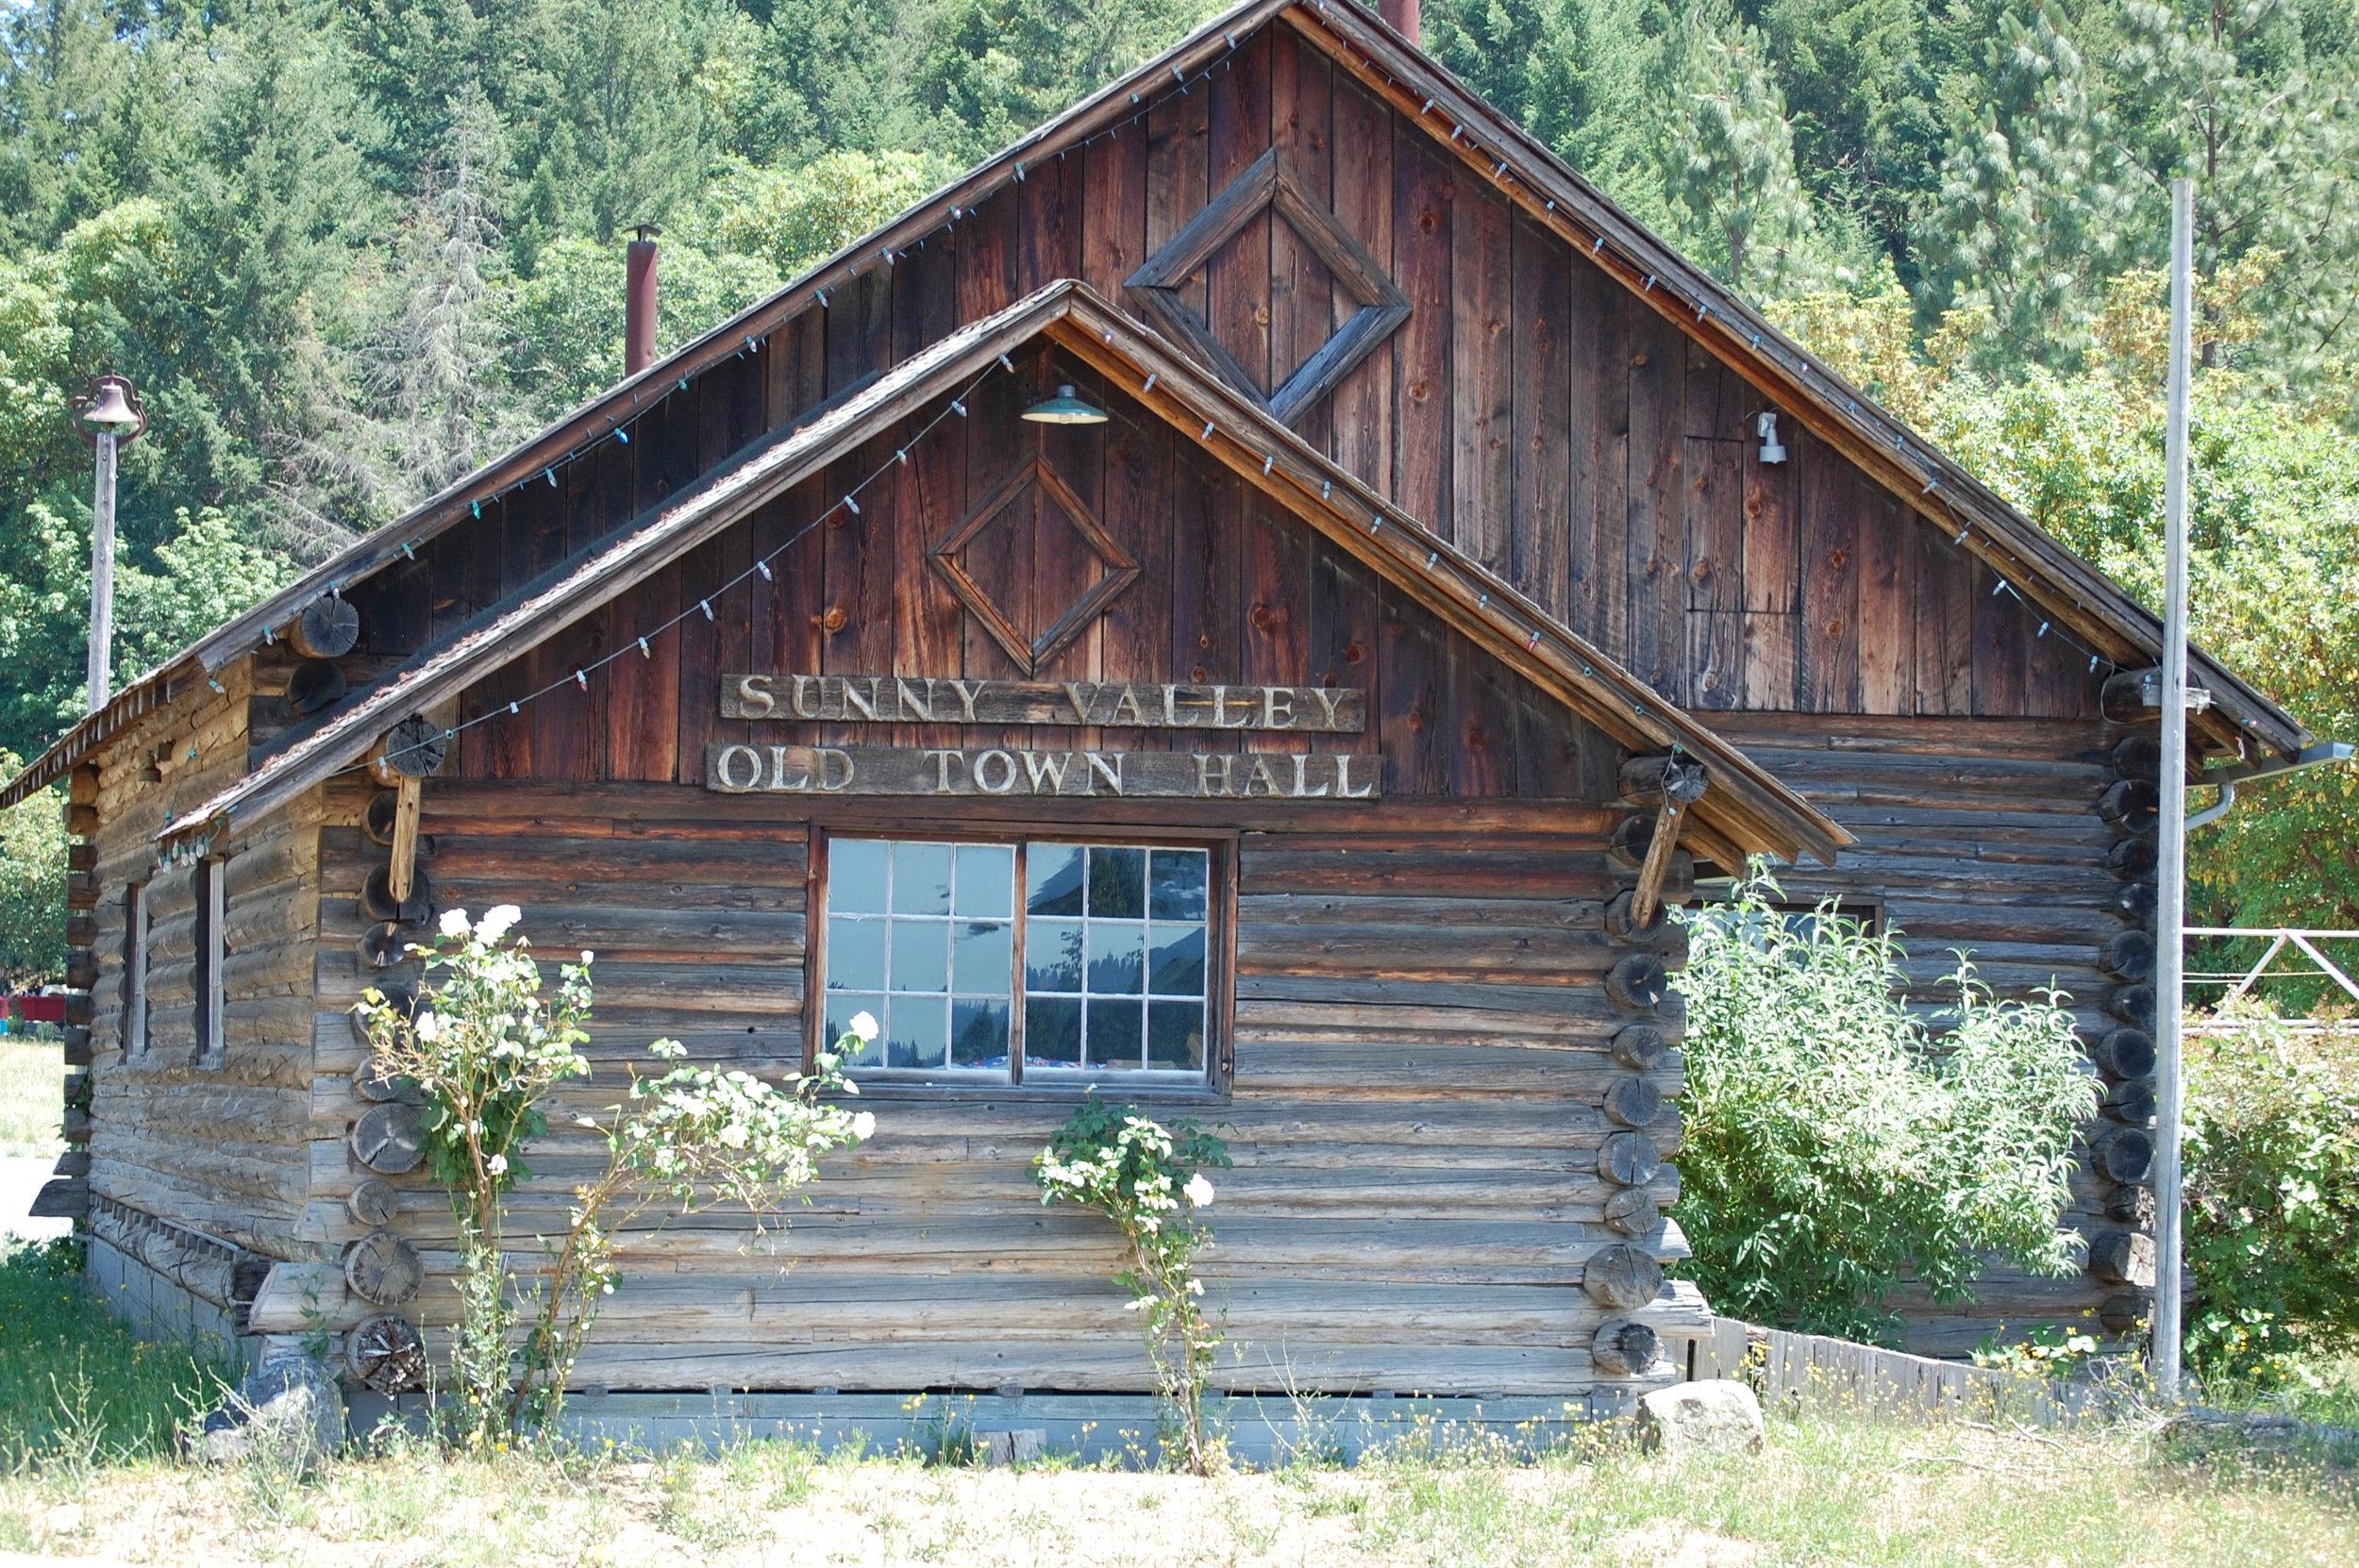 Applegate Trail Interpretive Trail Museum